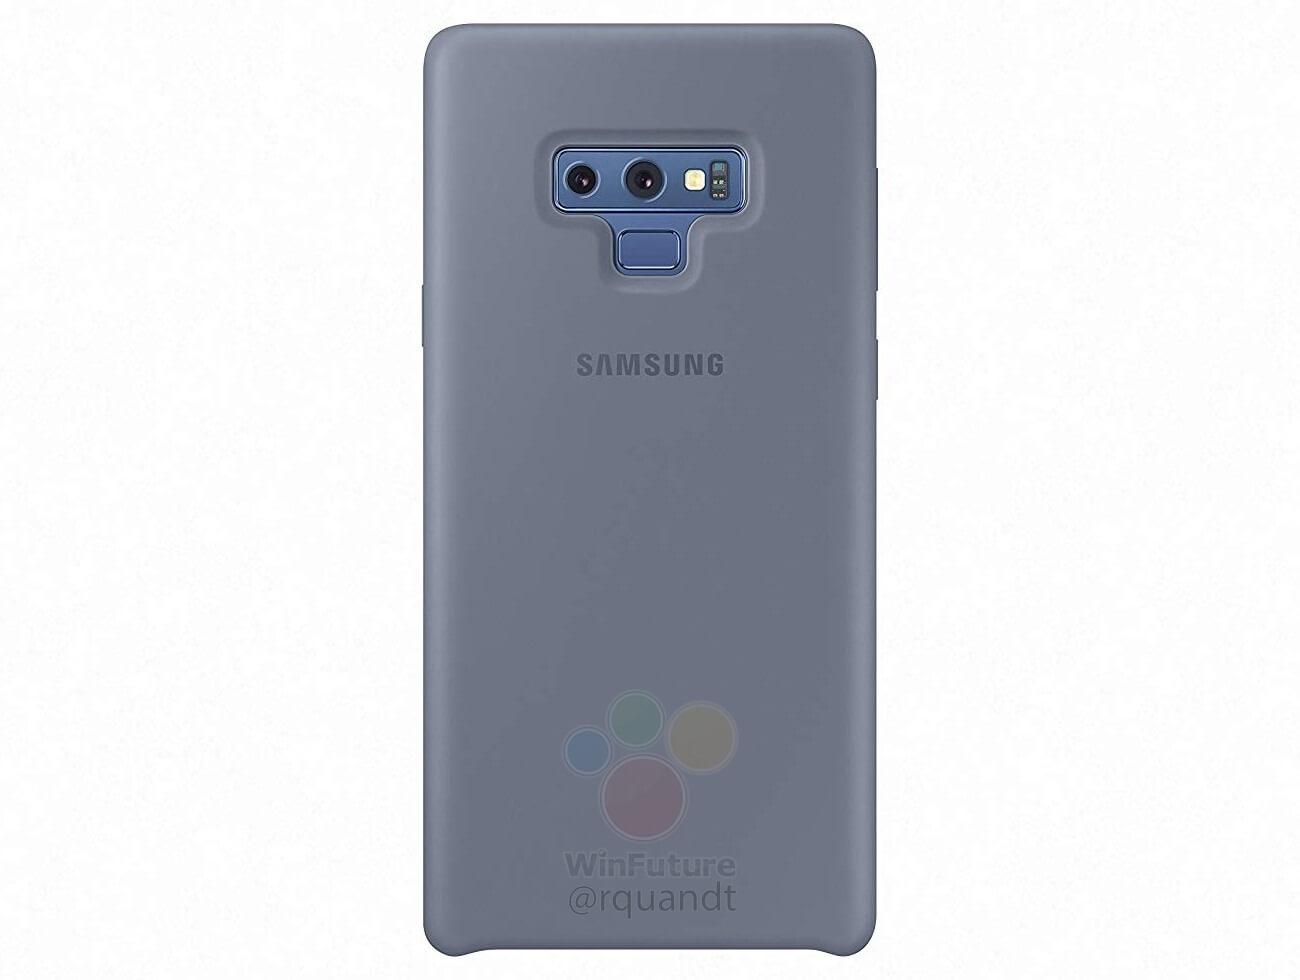 Official Samsung Galaxy Note 9 Accessories Leak Mspoweruser